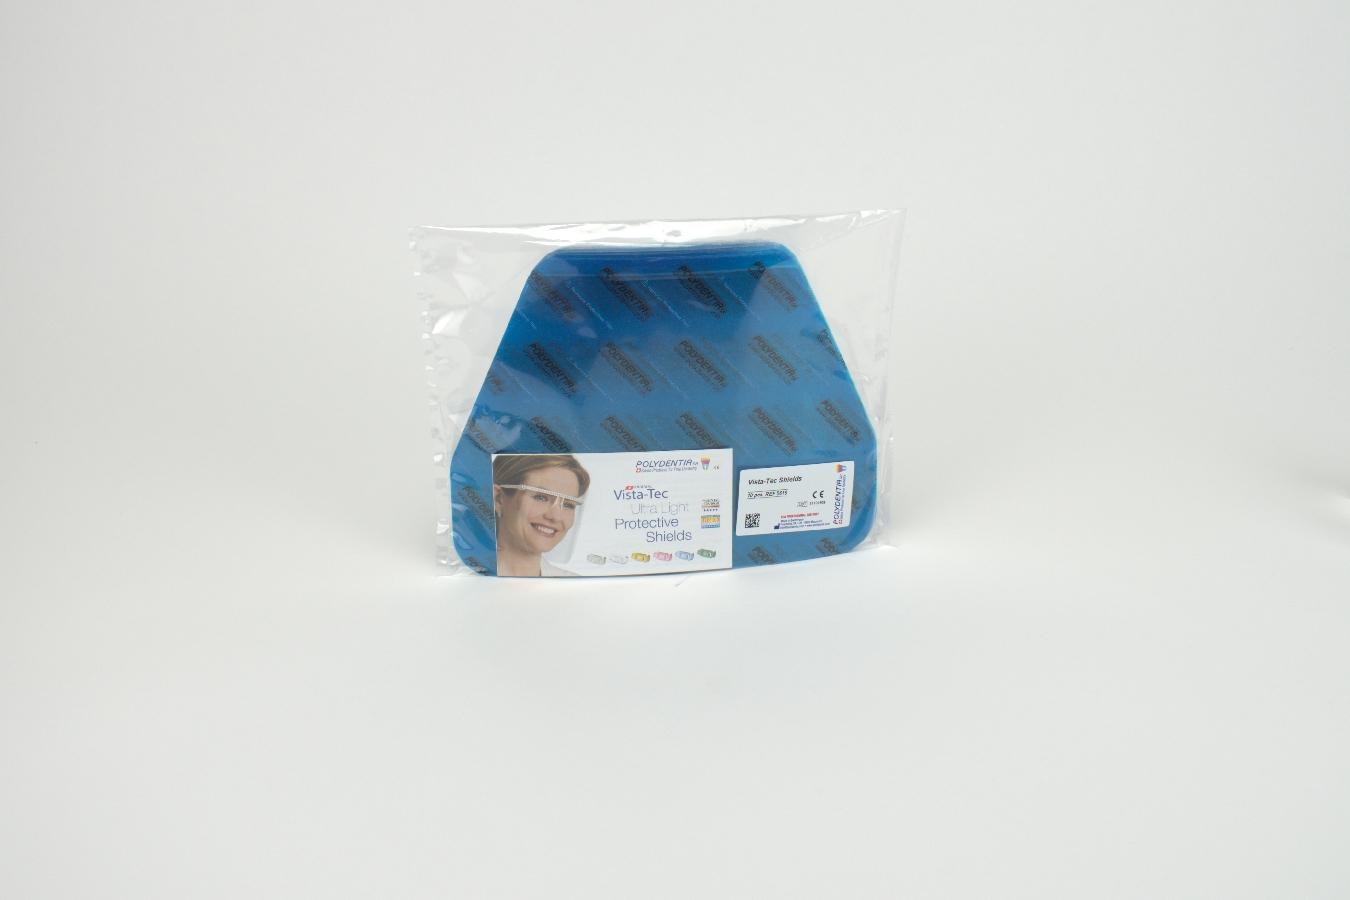 Dental Praxisbedarf & Zubehör Vista-Tec Ersatzschild 10 Stück